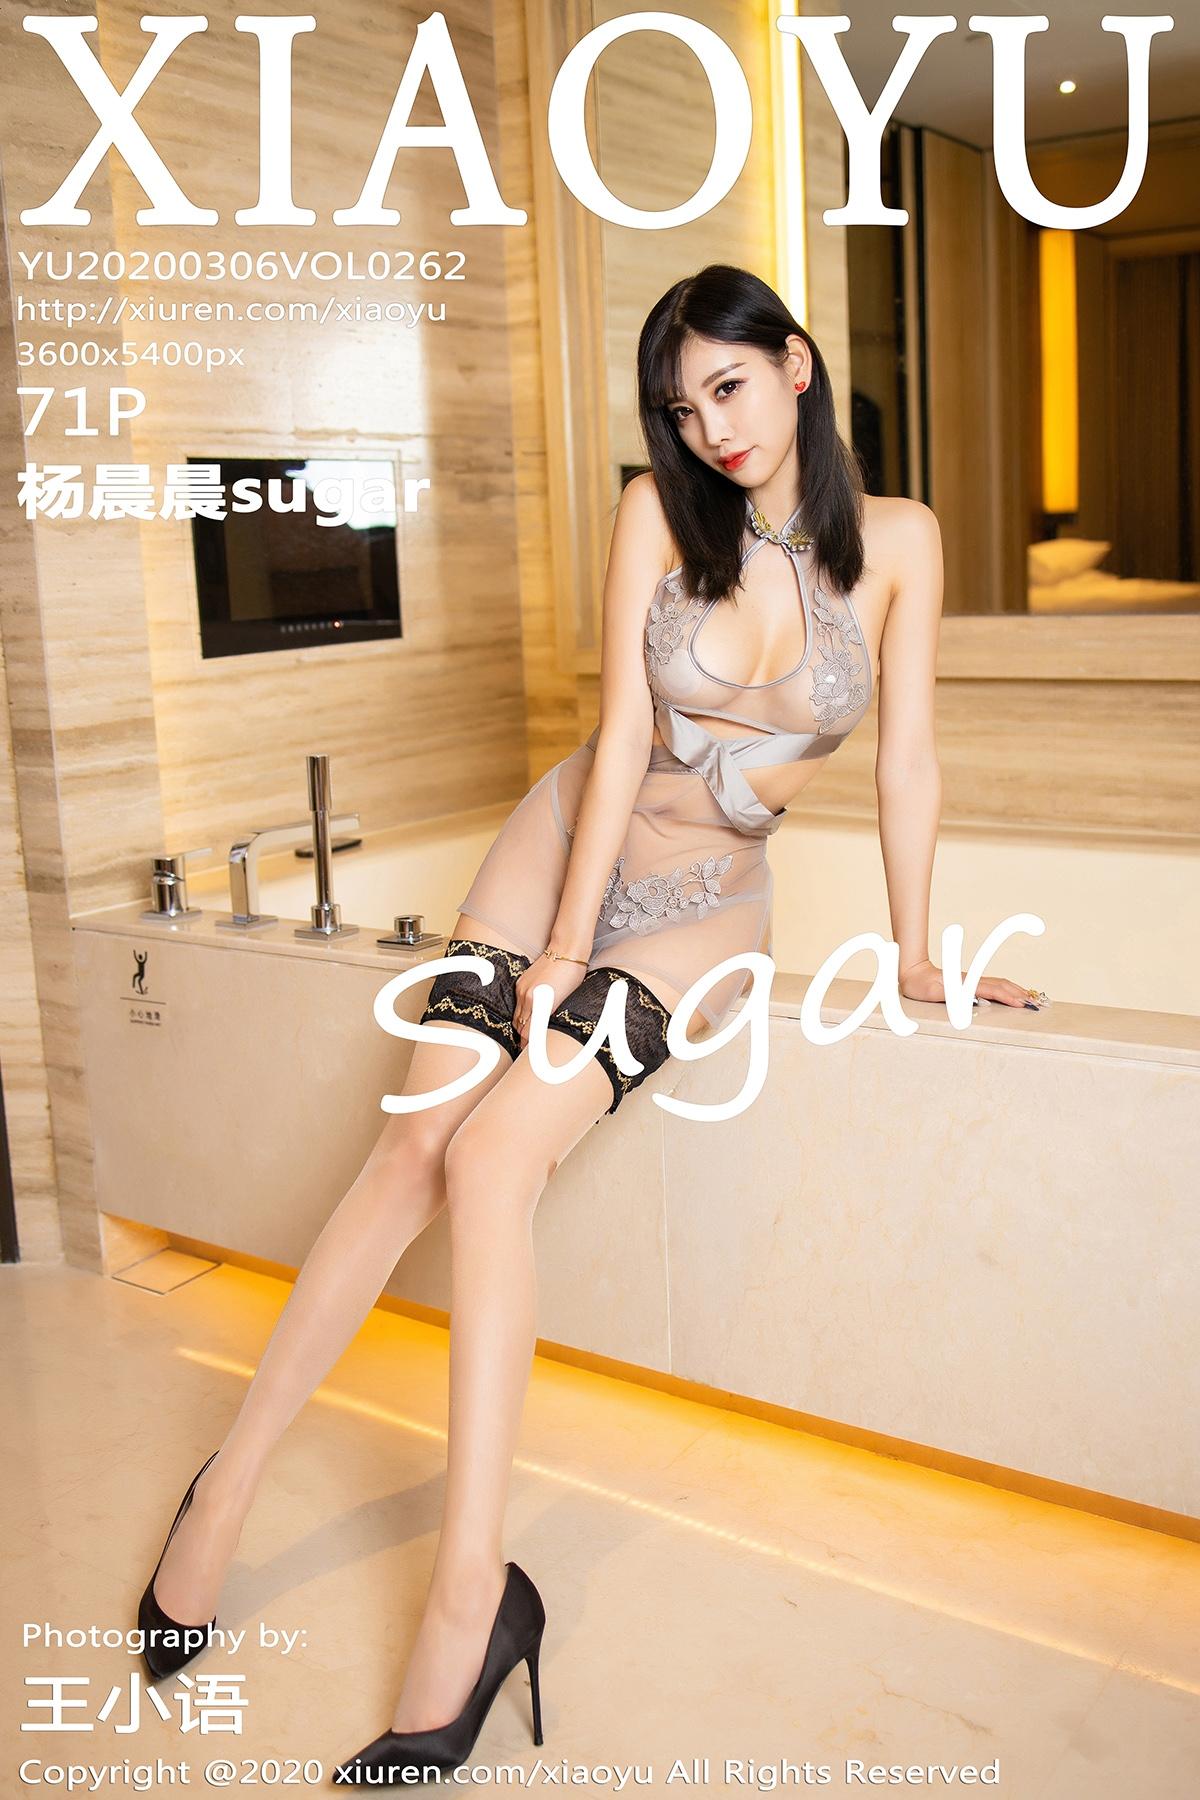 [XIAOYU语画界]2020.03.06 VOL.262 杨晨晨sugar 透视 镂空[/162MB]